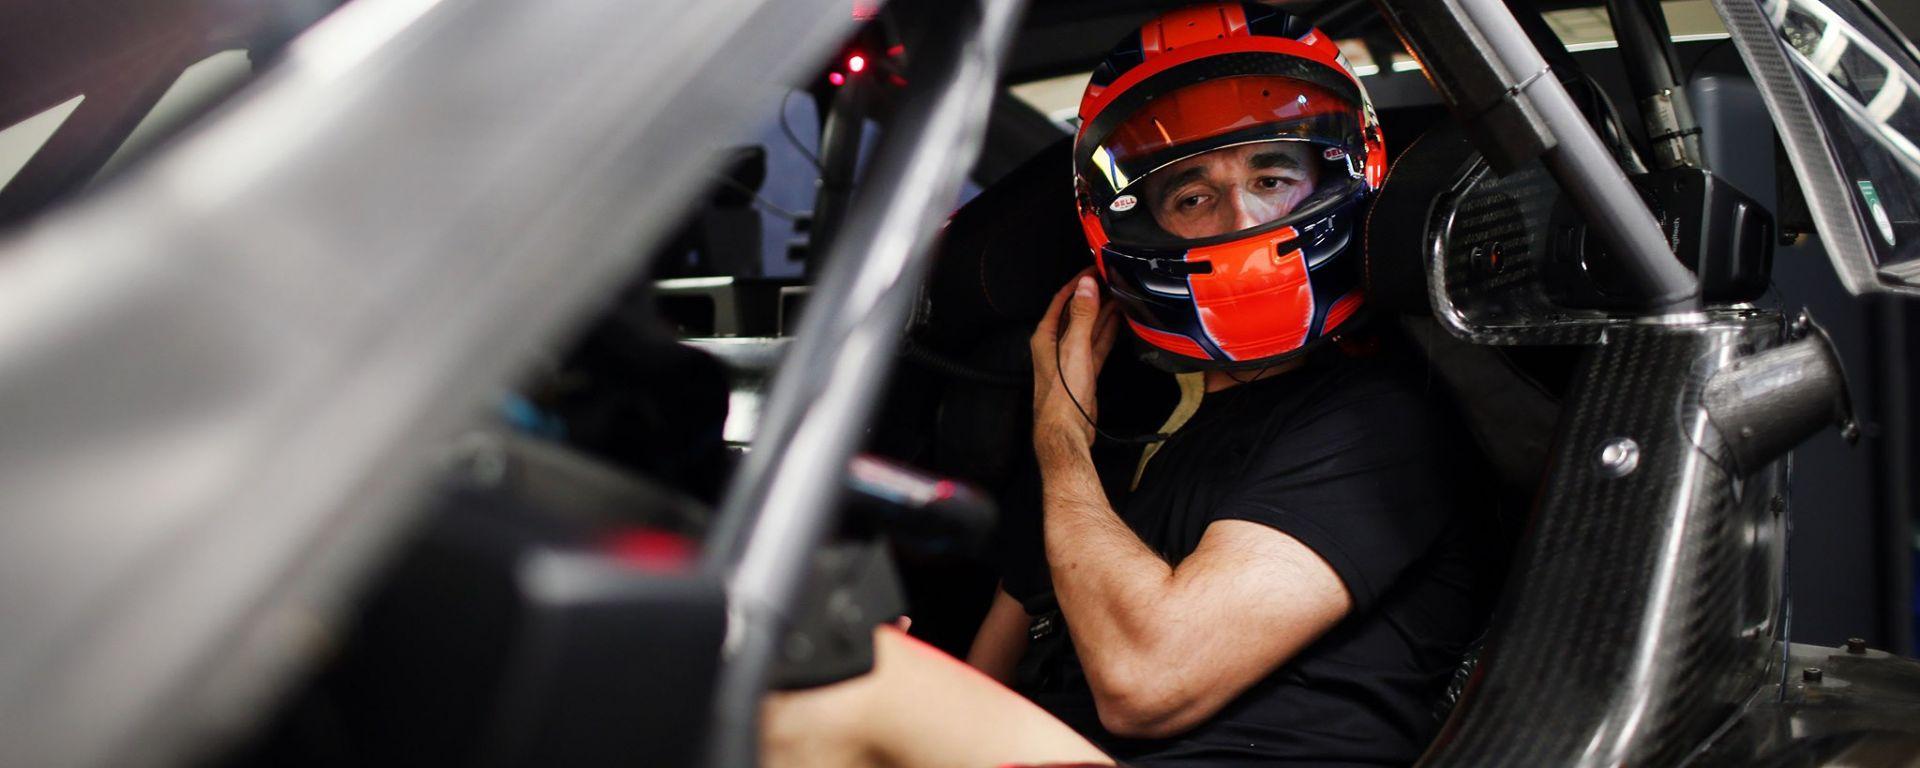 Robert Kubica nell'abitacolo della BMW M4 DTM